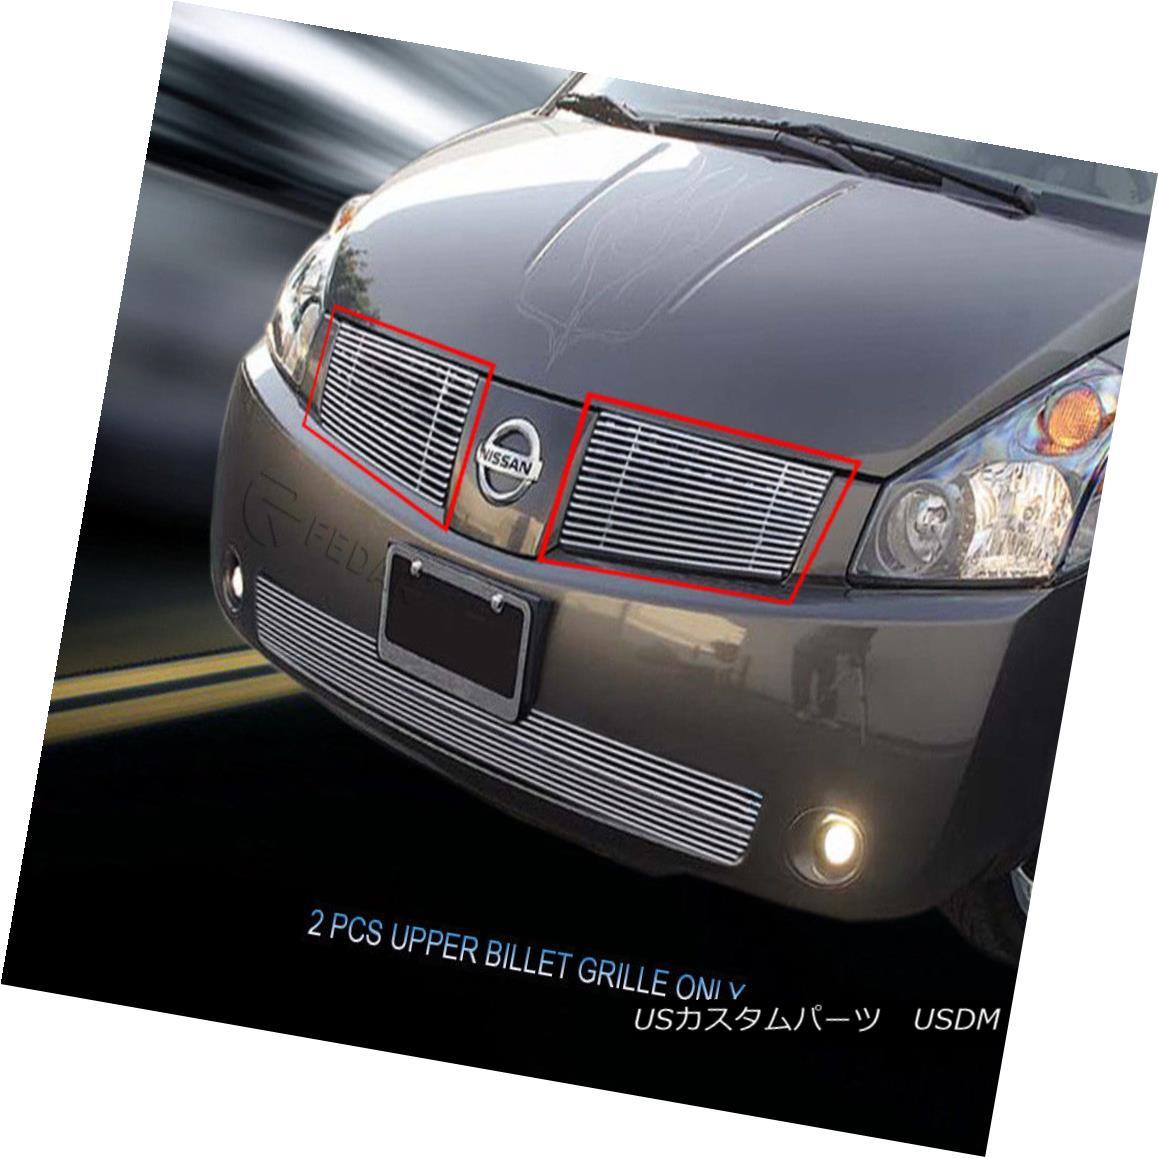 グリル For 2004-2006 Nissan Quest Bolt-On Billet Grille Upper Grill Insert Fedar 2004-2006日産クエスト・ボルトオン・ビレット・グリルアッパー・グリル・インサート・フェルダ